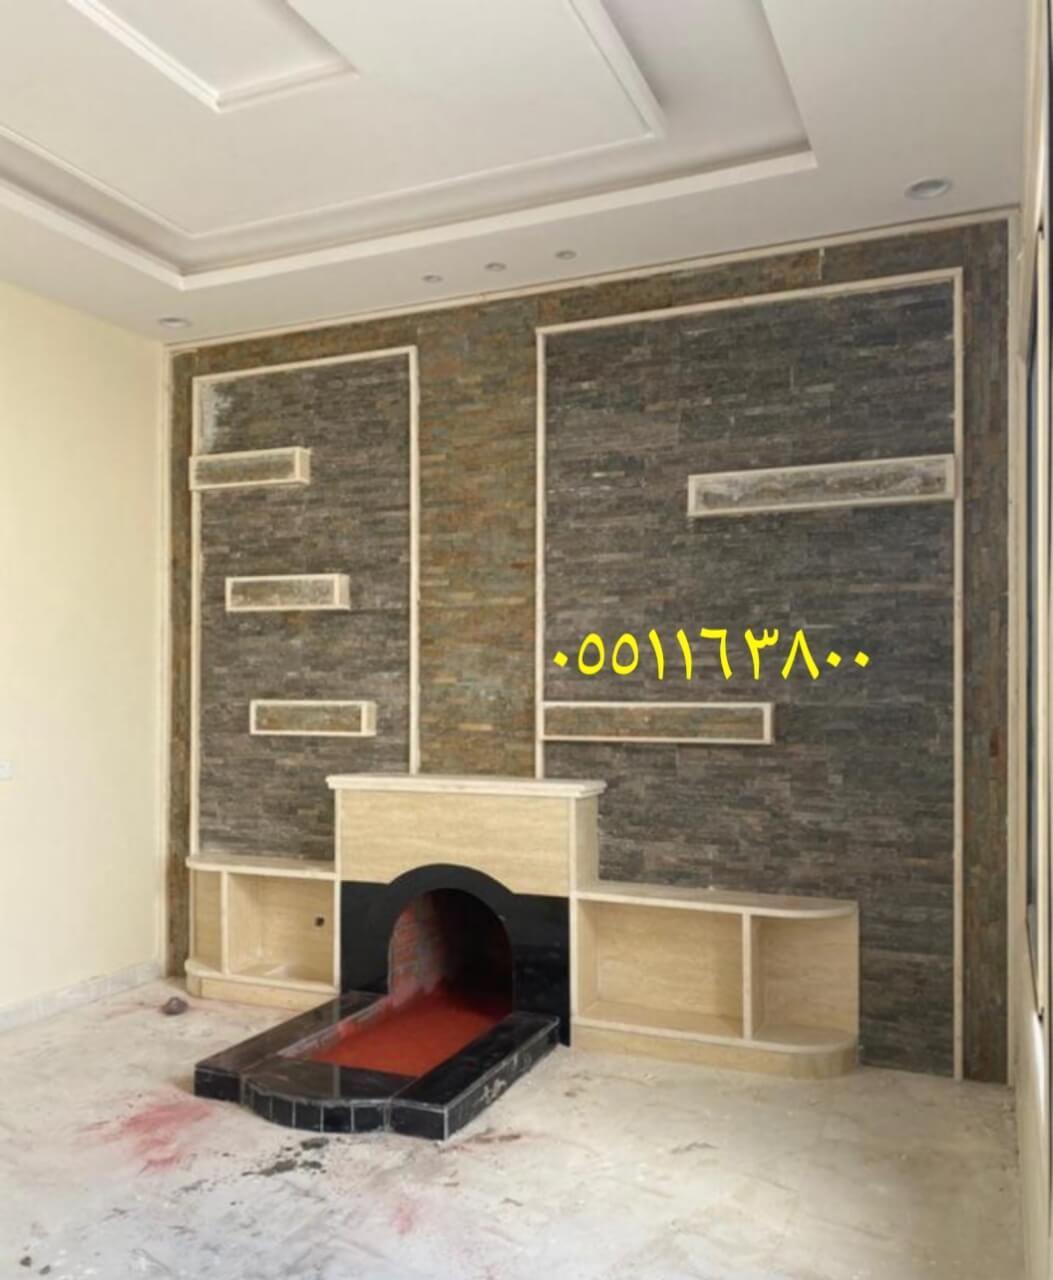 صورمشبات حديثة ديكورات مشبات حديثة بل خشب مشبات حديثه ديكورات مشبات نار مشبات الخرج الحديثه Home Decor Home Decor